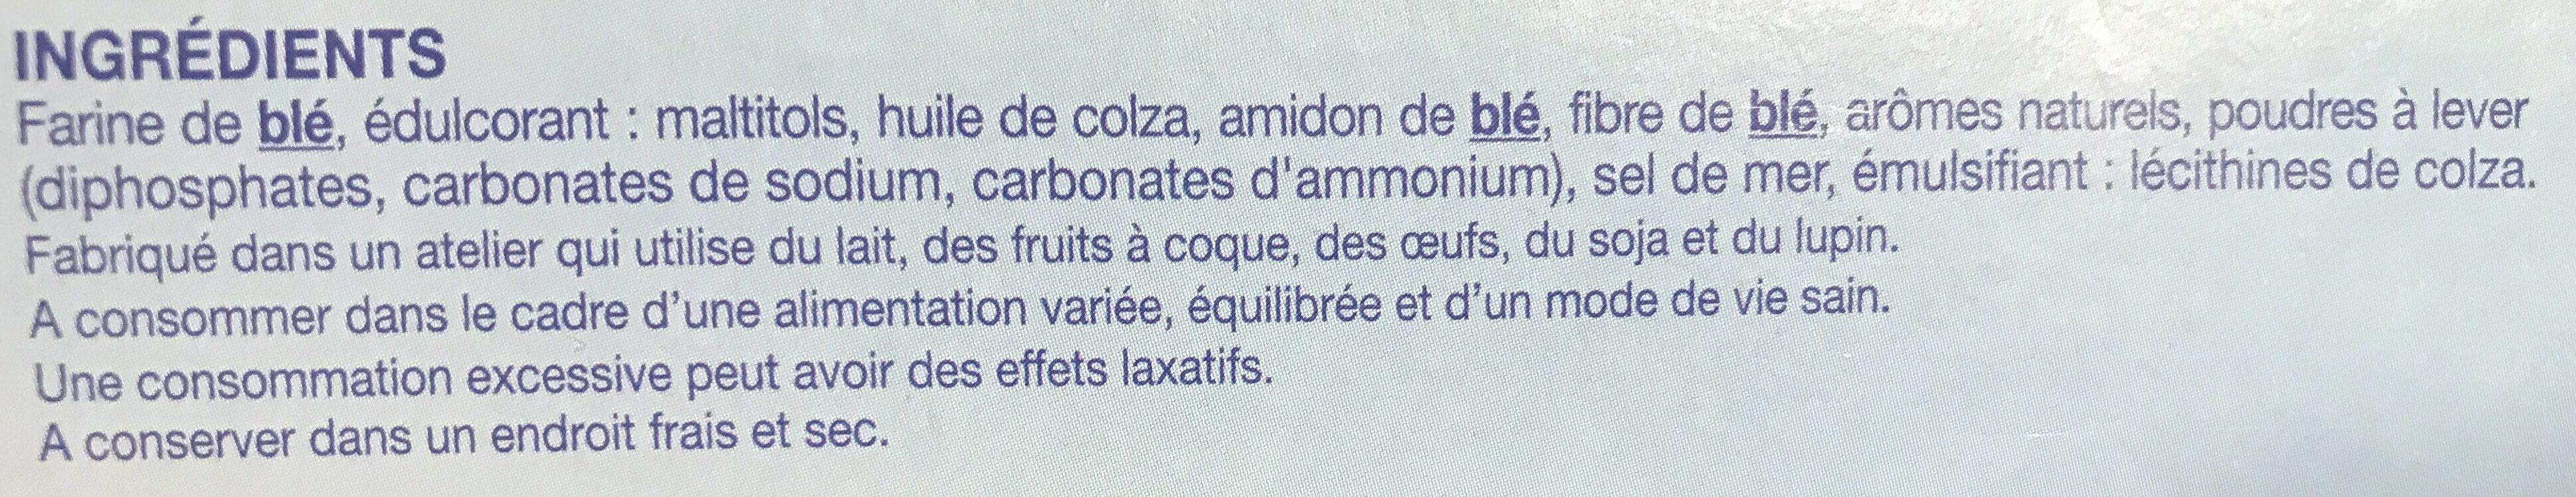 Biscuit Coco - Ingrediënten